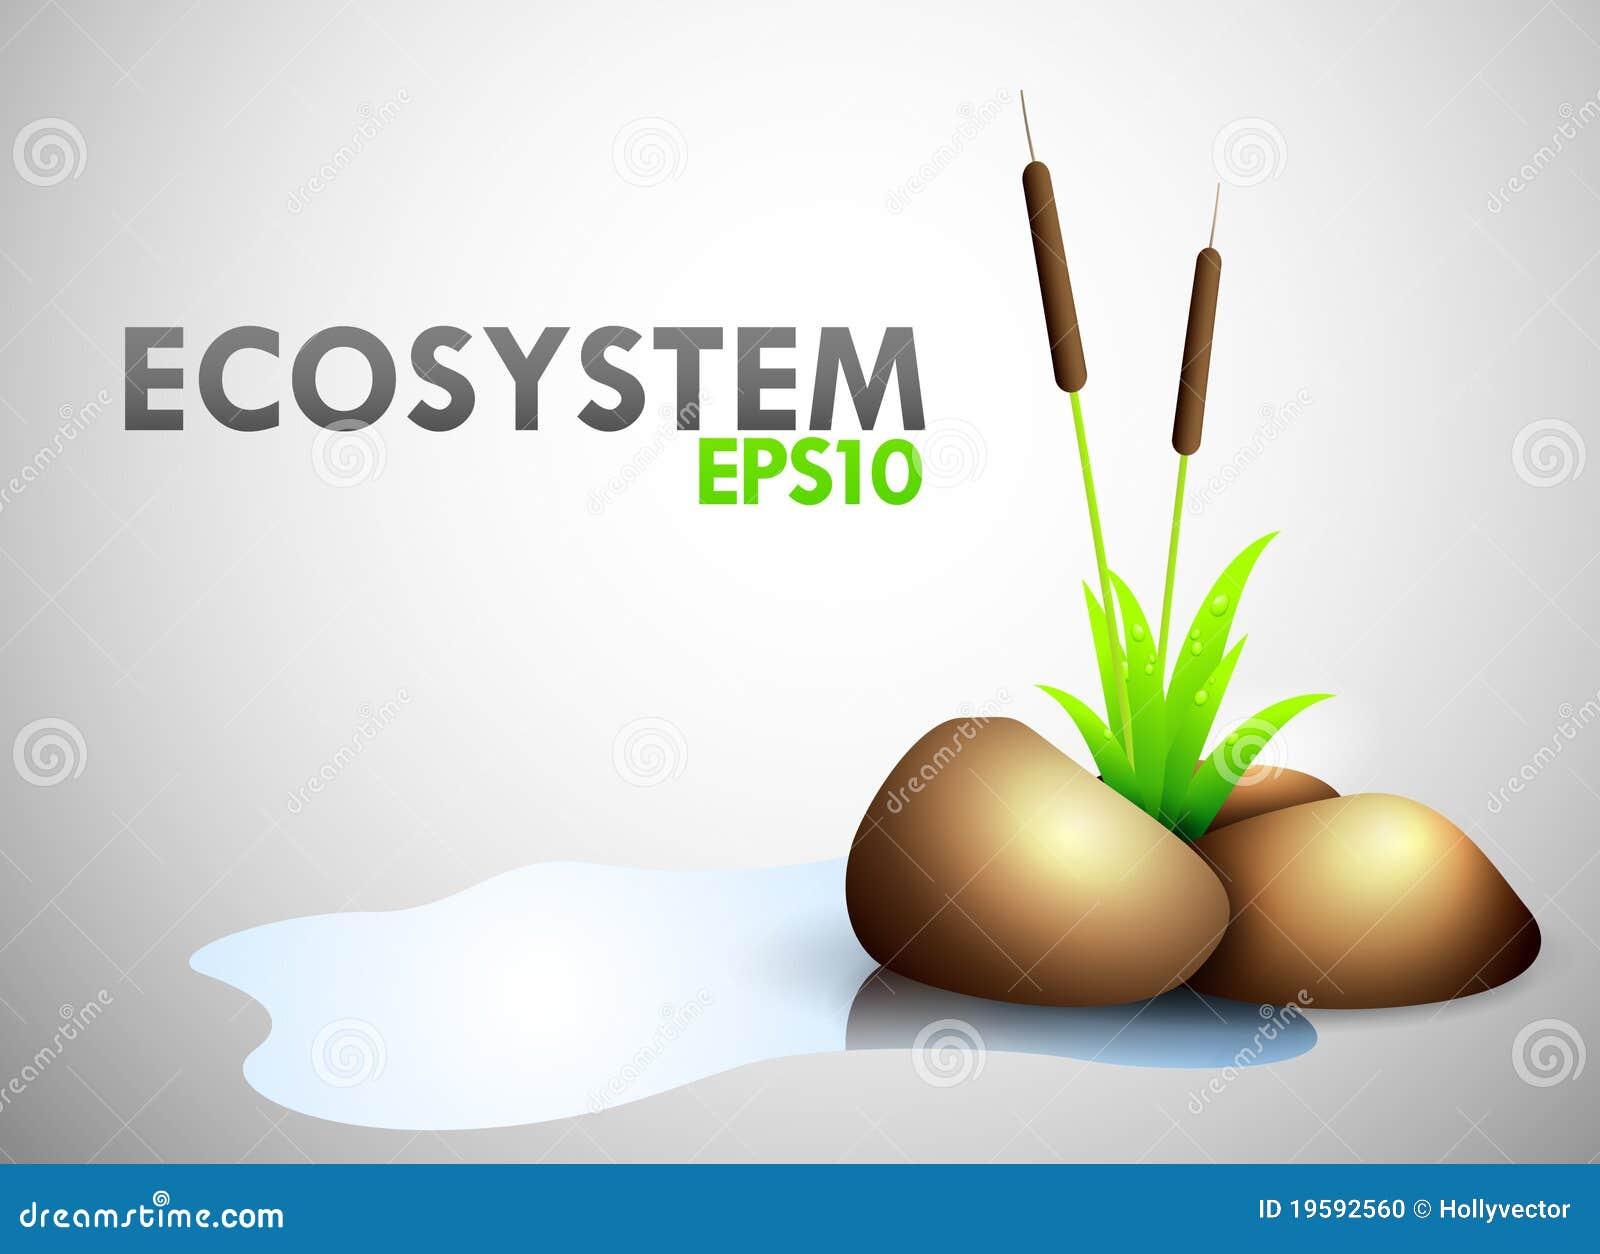 Tema di ecosistema fotografia stock immagine 19592560 for Ecosistema dello stagno